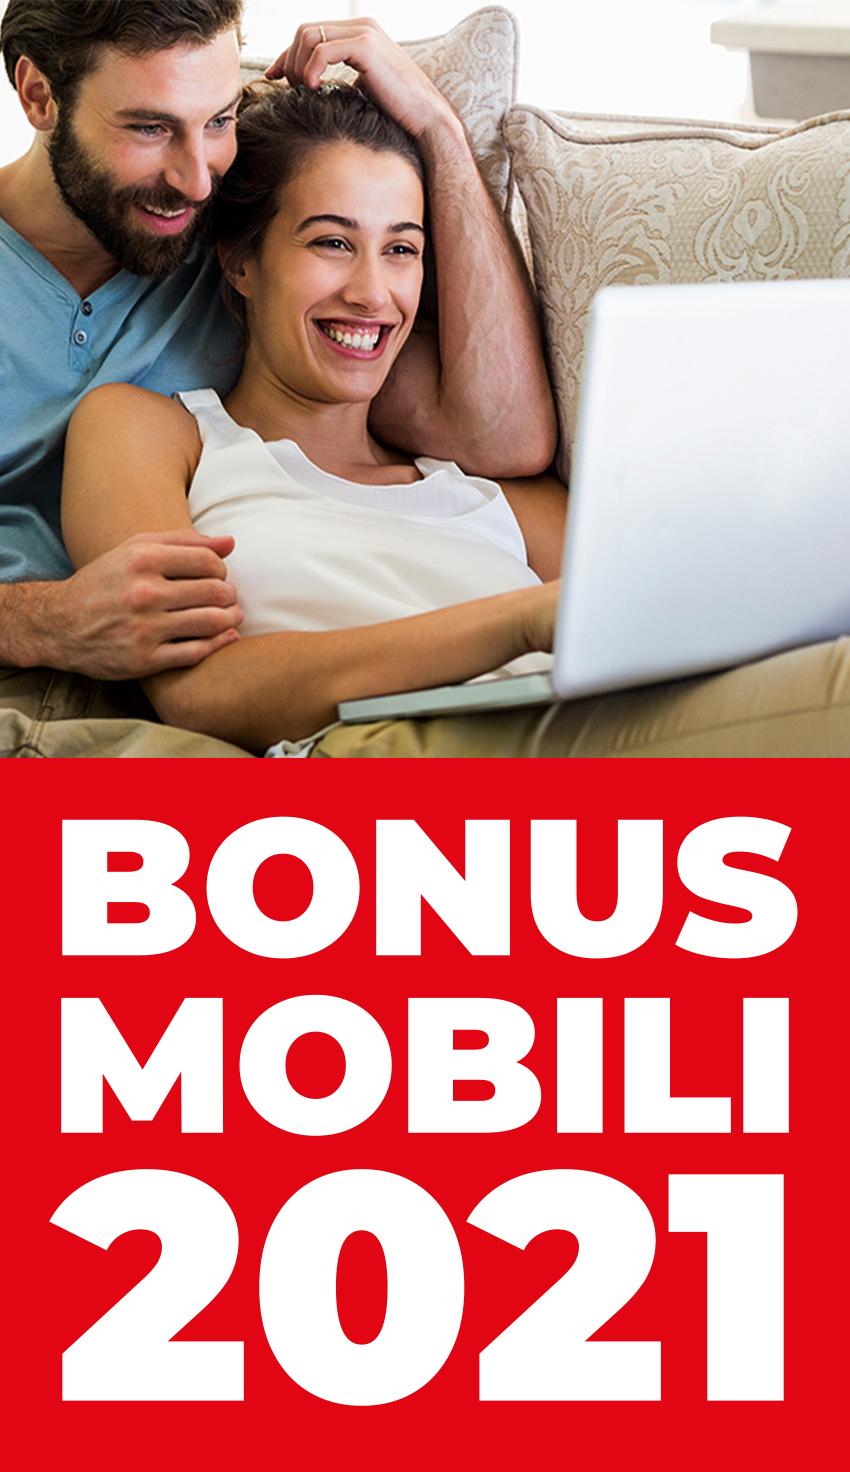 BONUS-MOBILI-MOB Nicoloro